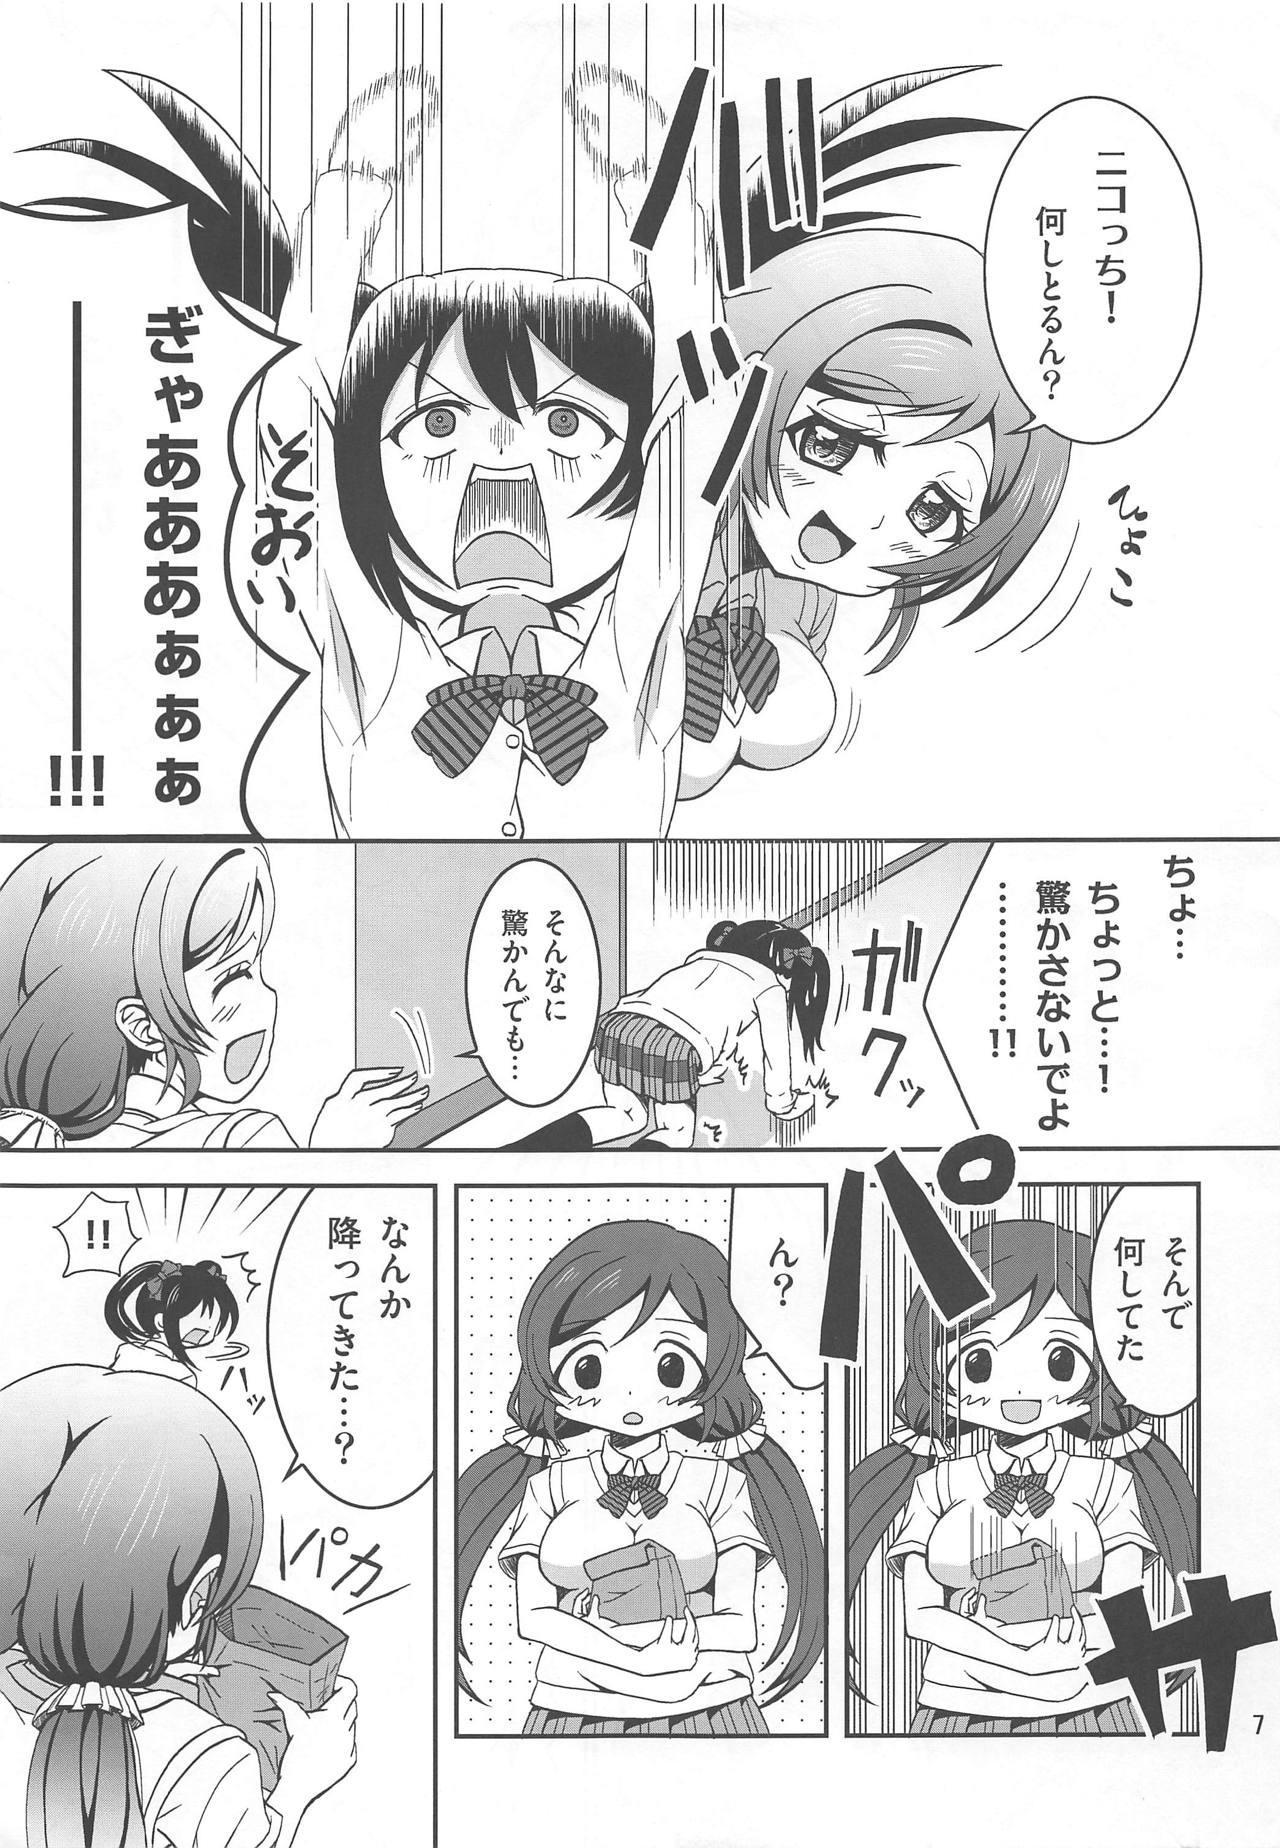 Usotsuki Nico 5